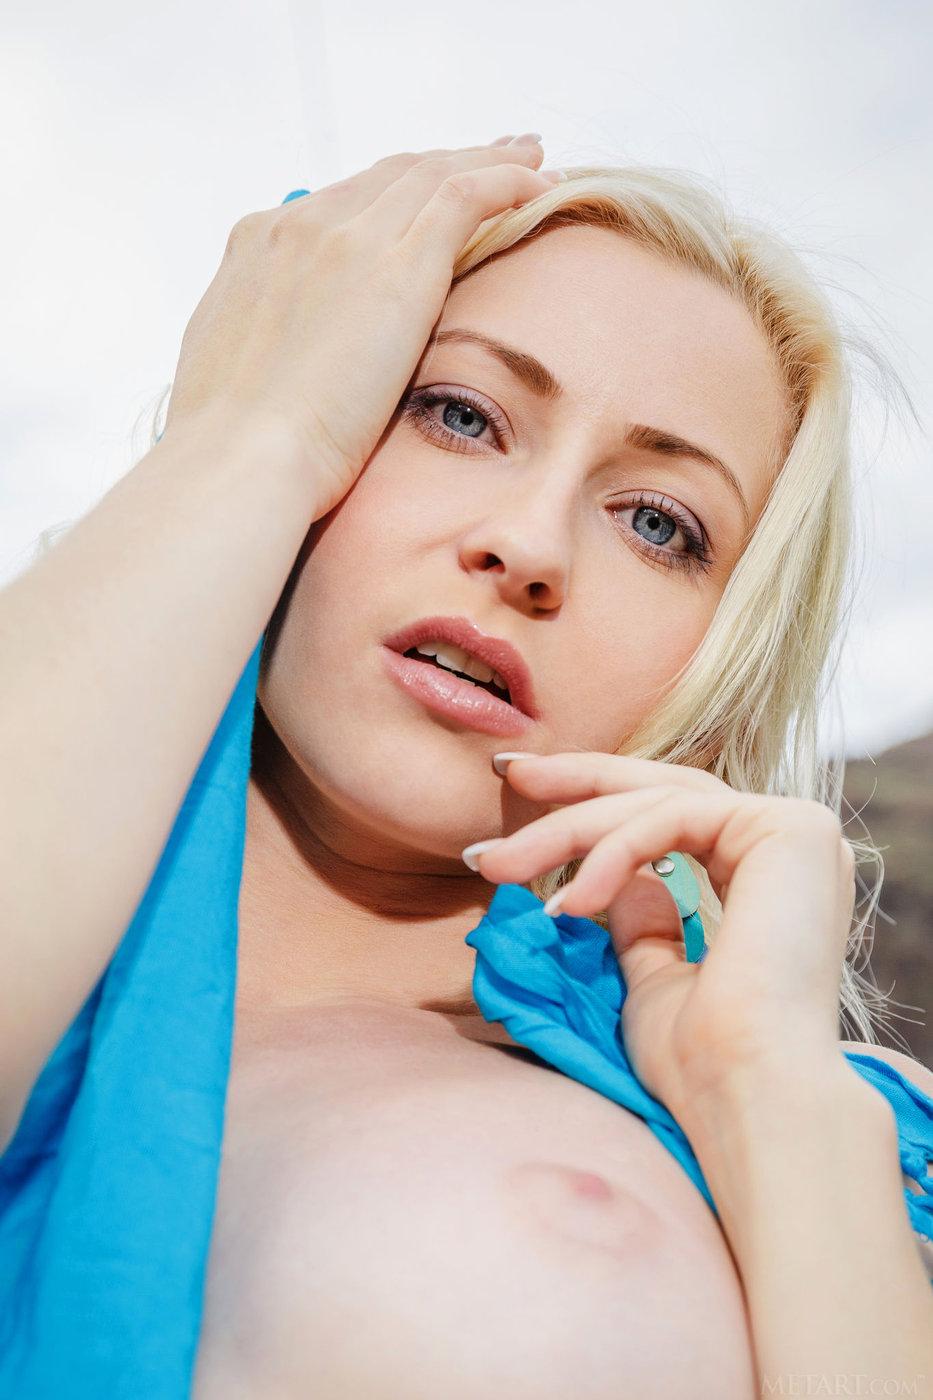 Naked girls holding dicks